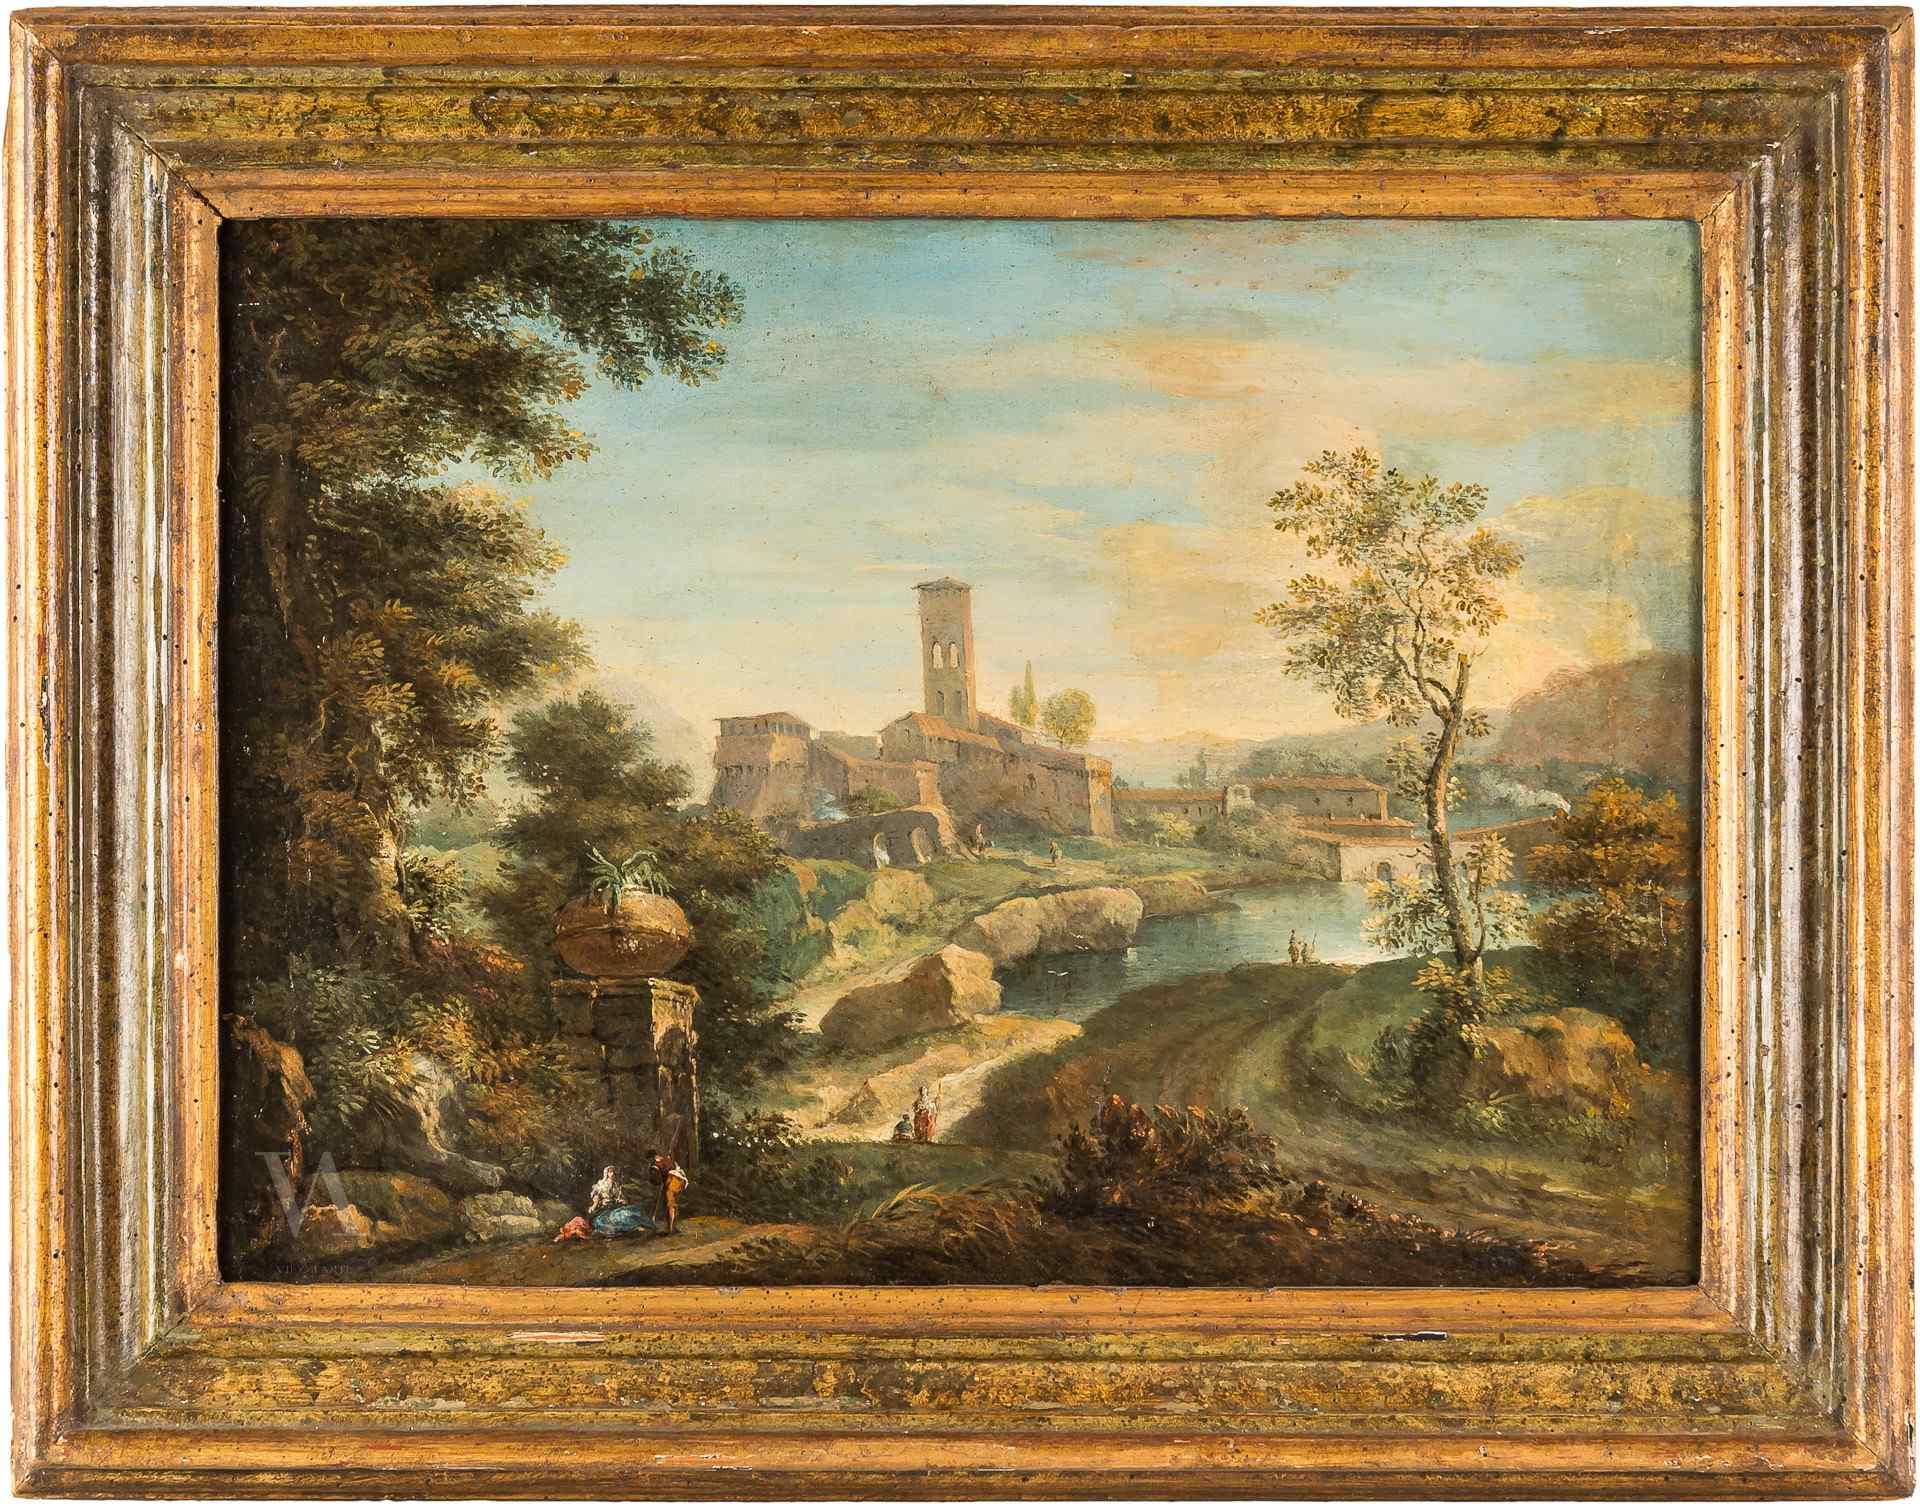 Paolo Anesi, paysage du lac. Rome, au XVIIIe siècle.